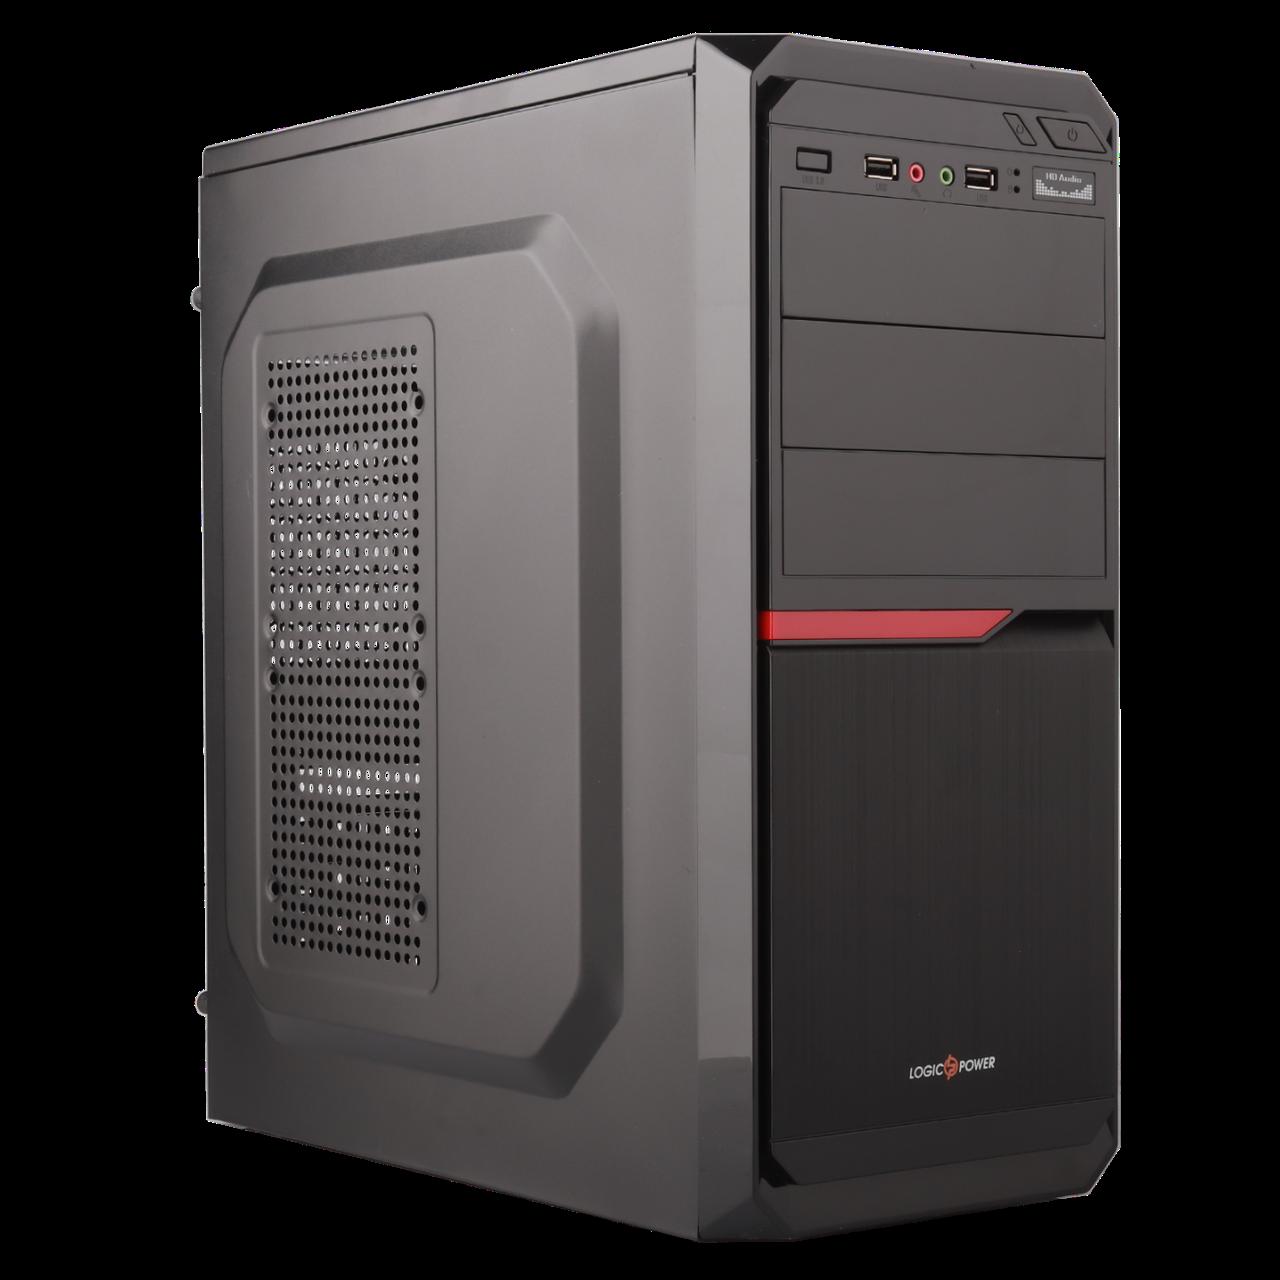 Корпус LP 2010-500W 8см black case chassis cover с 2xUSB2.0